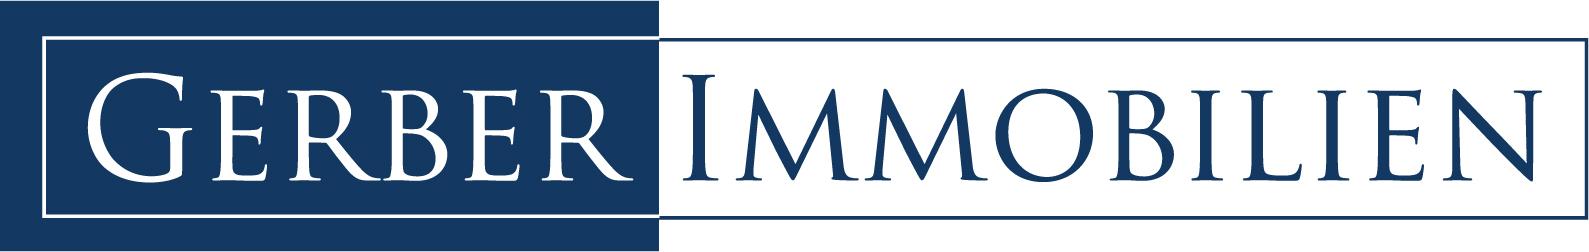 Hier sehen Sie das Logo von Gerber Immobilien